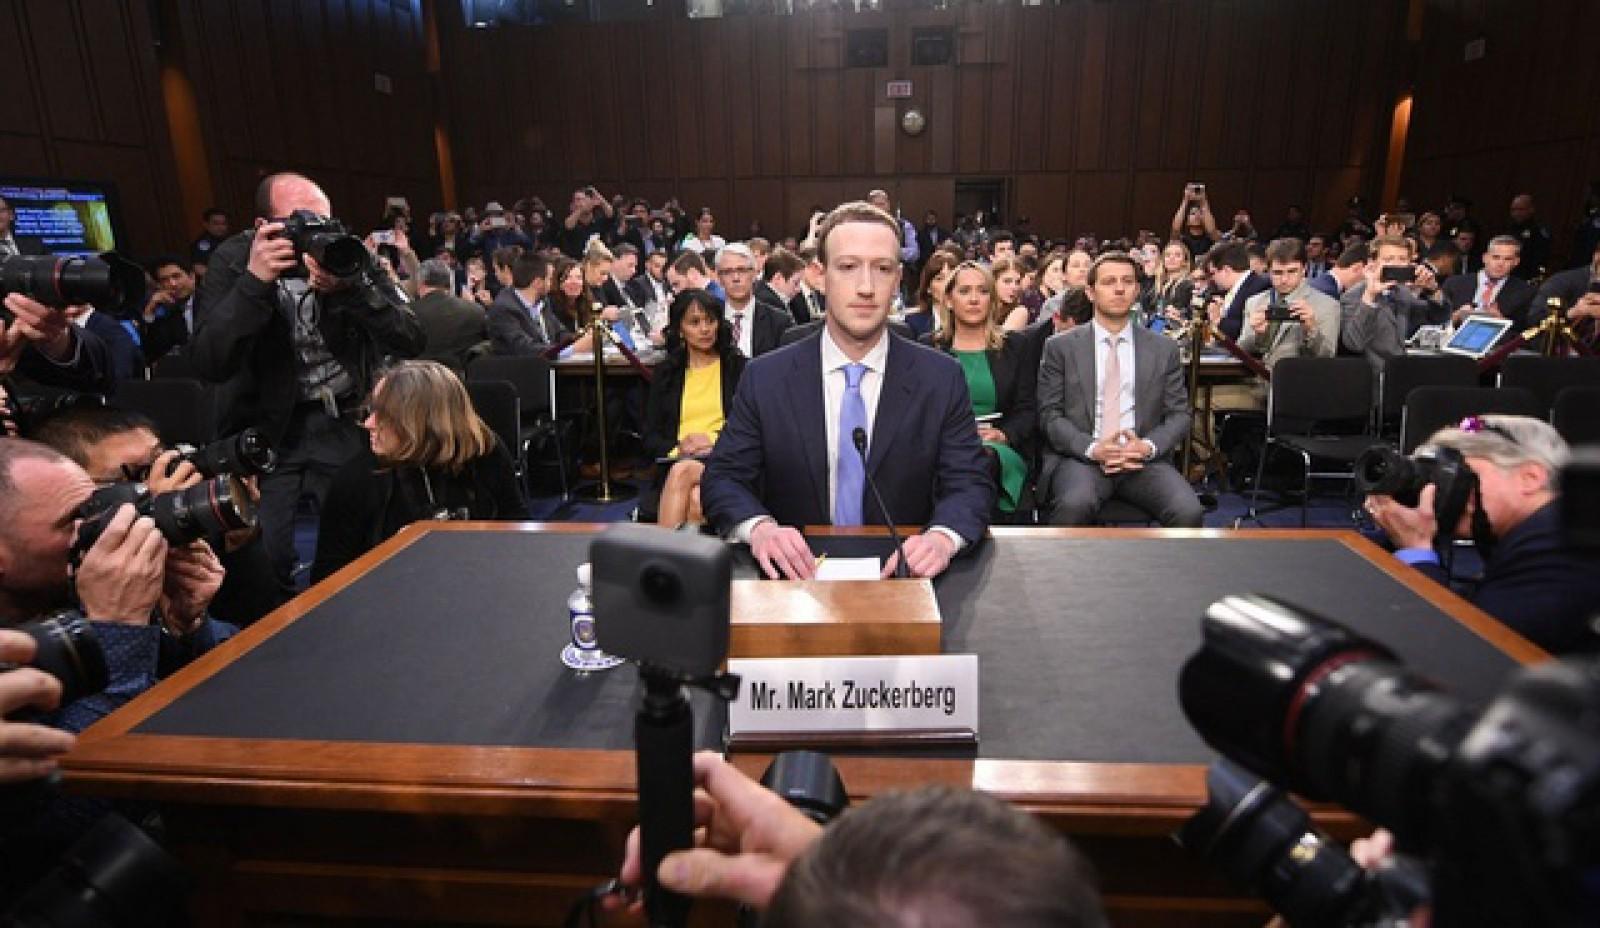 (doc) Facebook a trimis 454 de pagini cu răspunsuri la întrebările adresate de către Congresul American lui Mark Zuckerberg